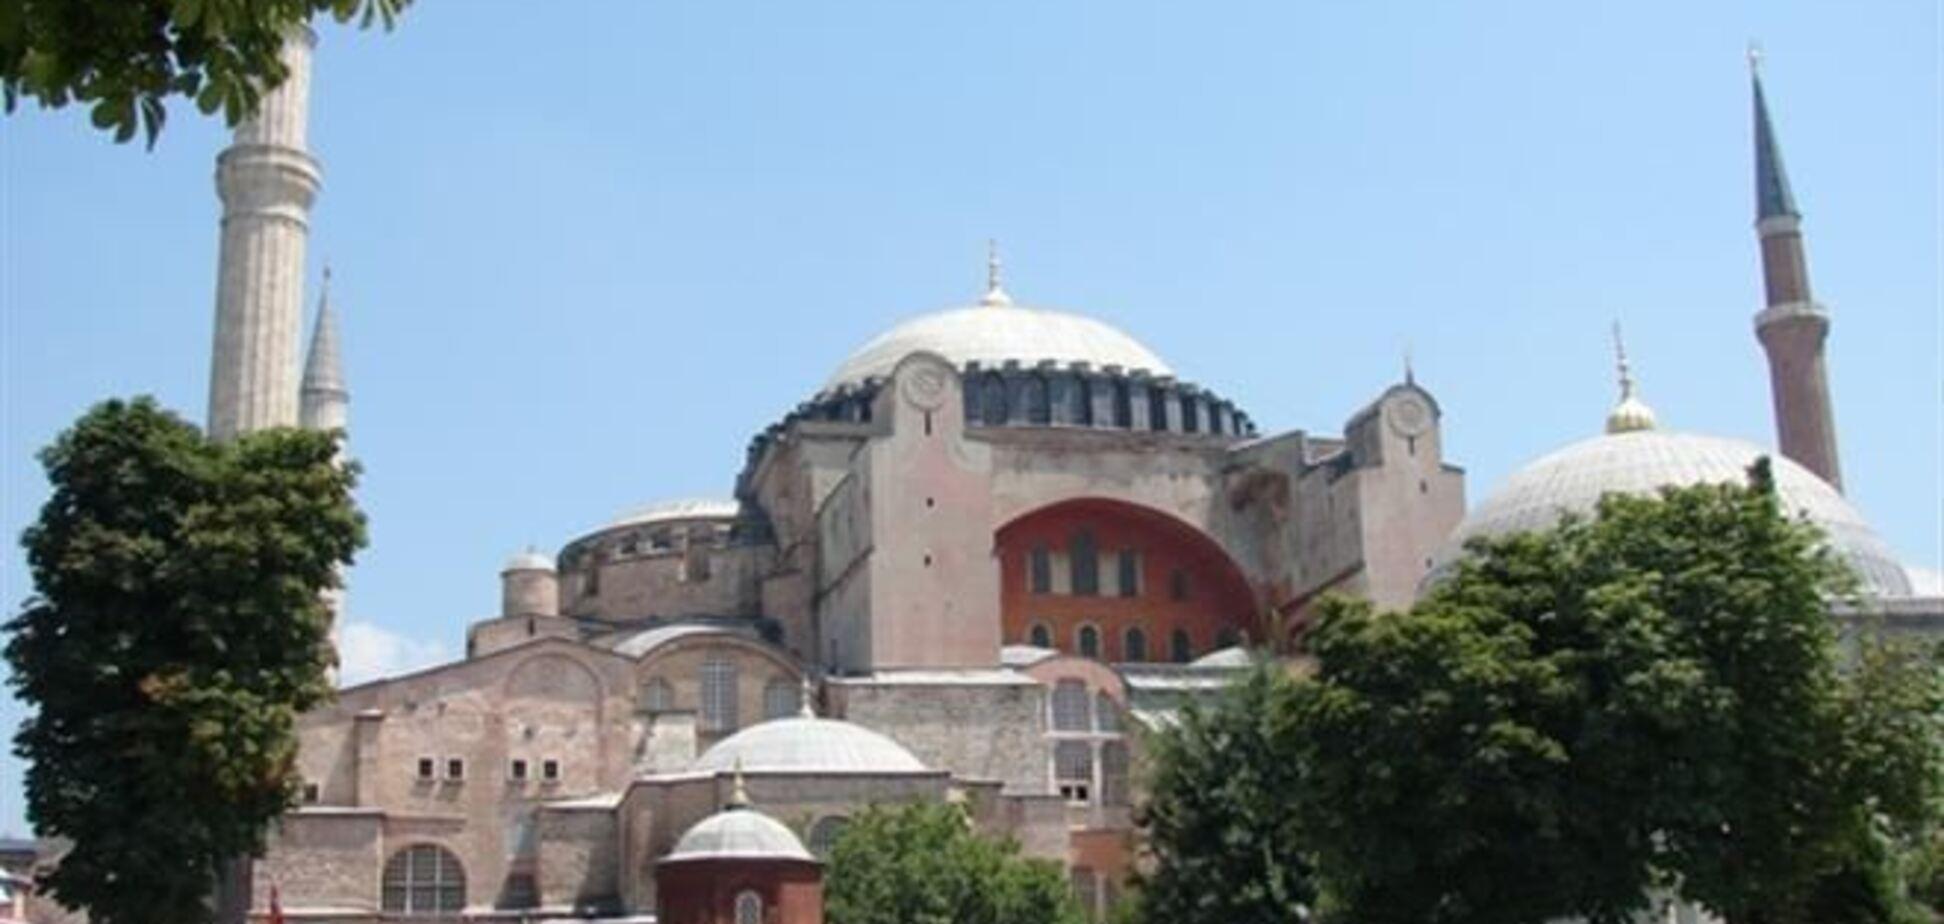 Цены на недвижимость в Стамбуле будут расти - мнение